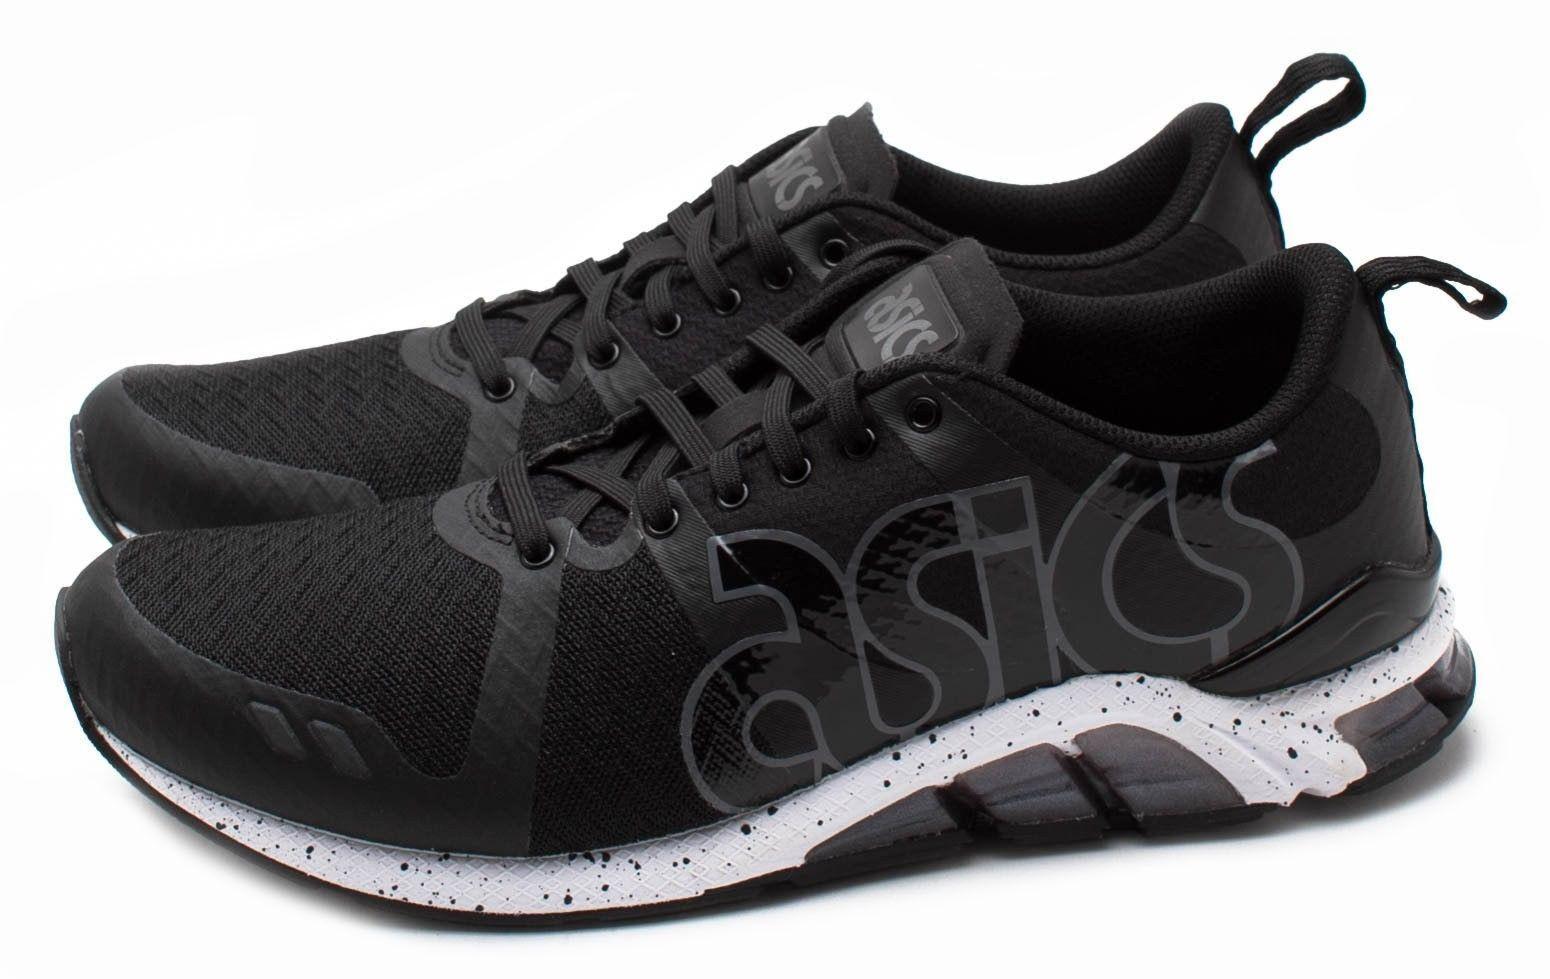 Asics GEL-Lyte One Eighty Men's Running shoes BLACK H6B0N